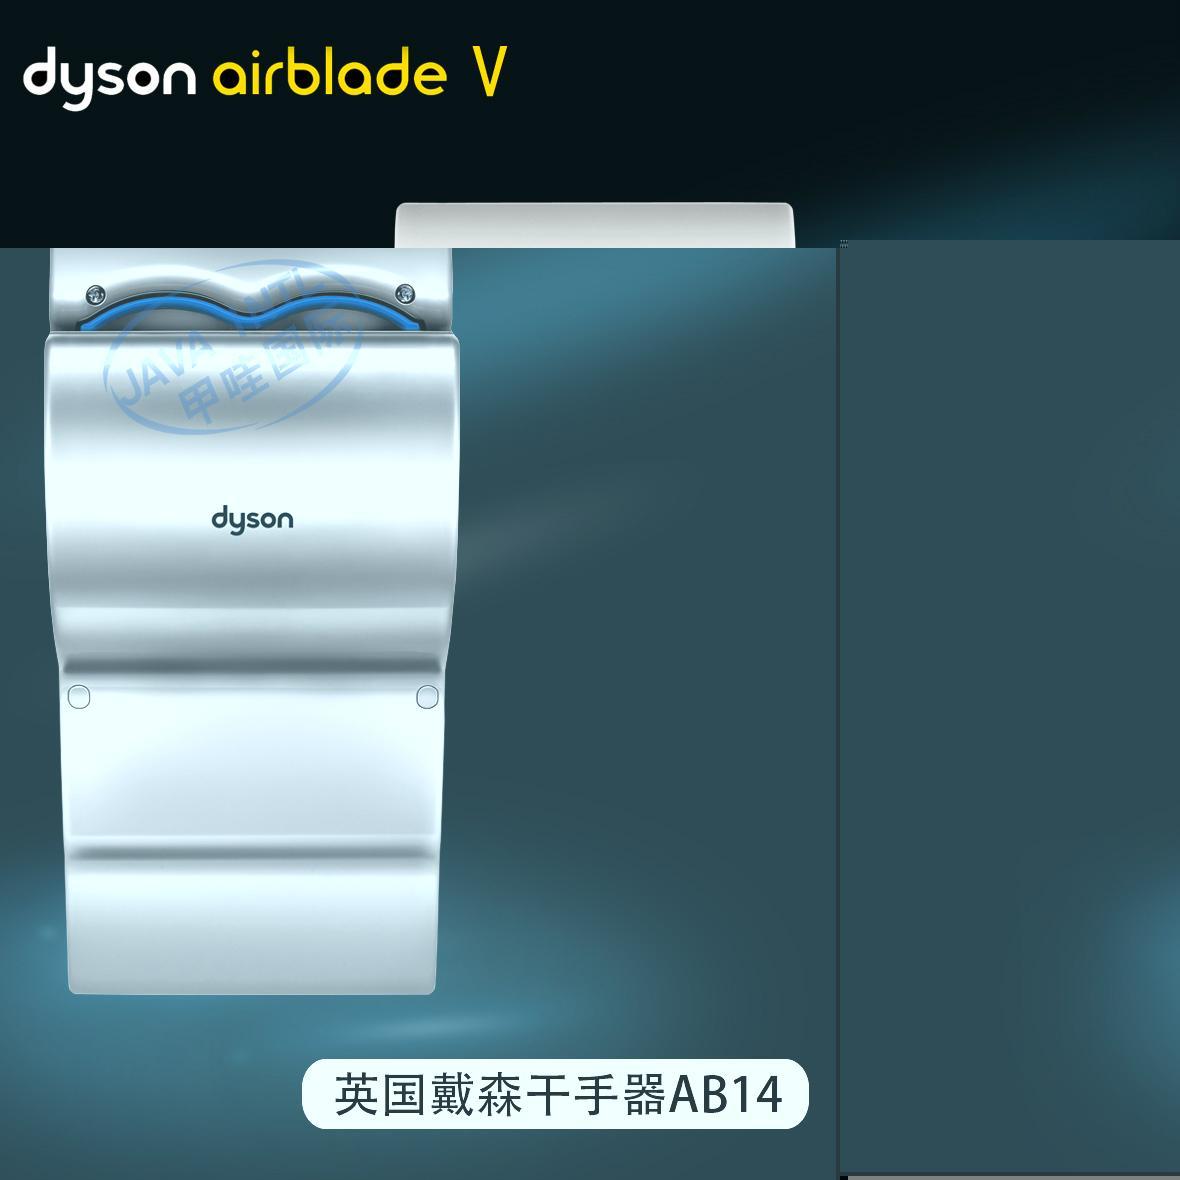 戴森AB14 挂壁式高速干手器雙面感應干手機 1